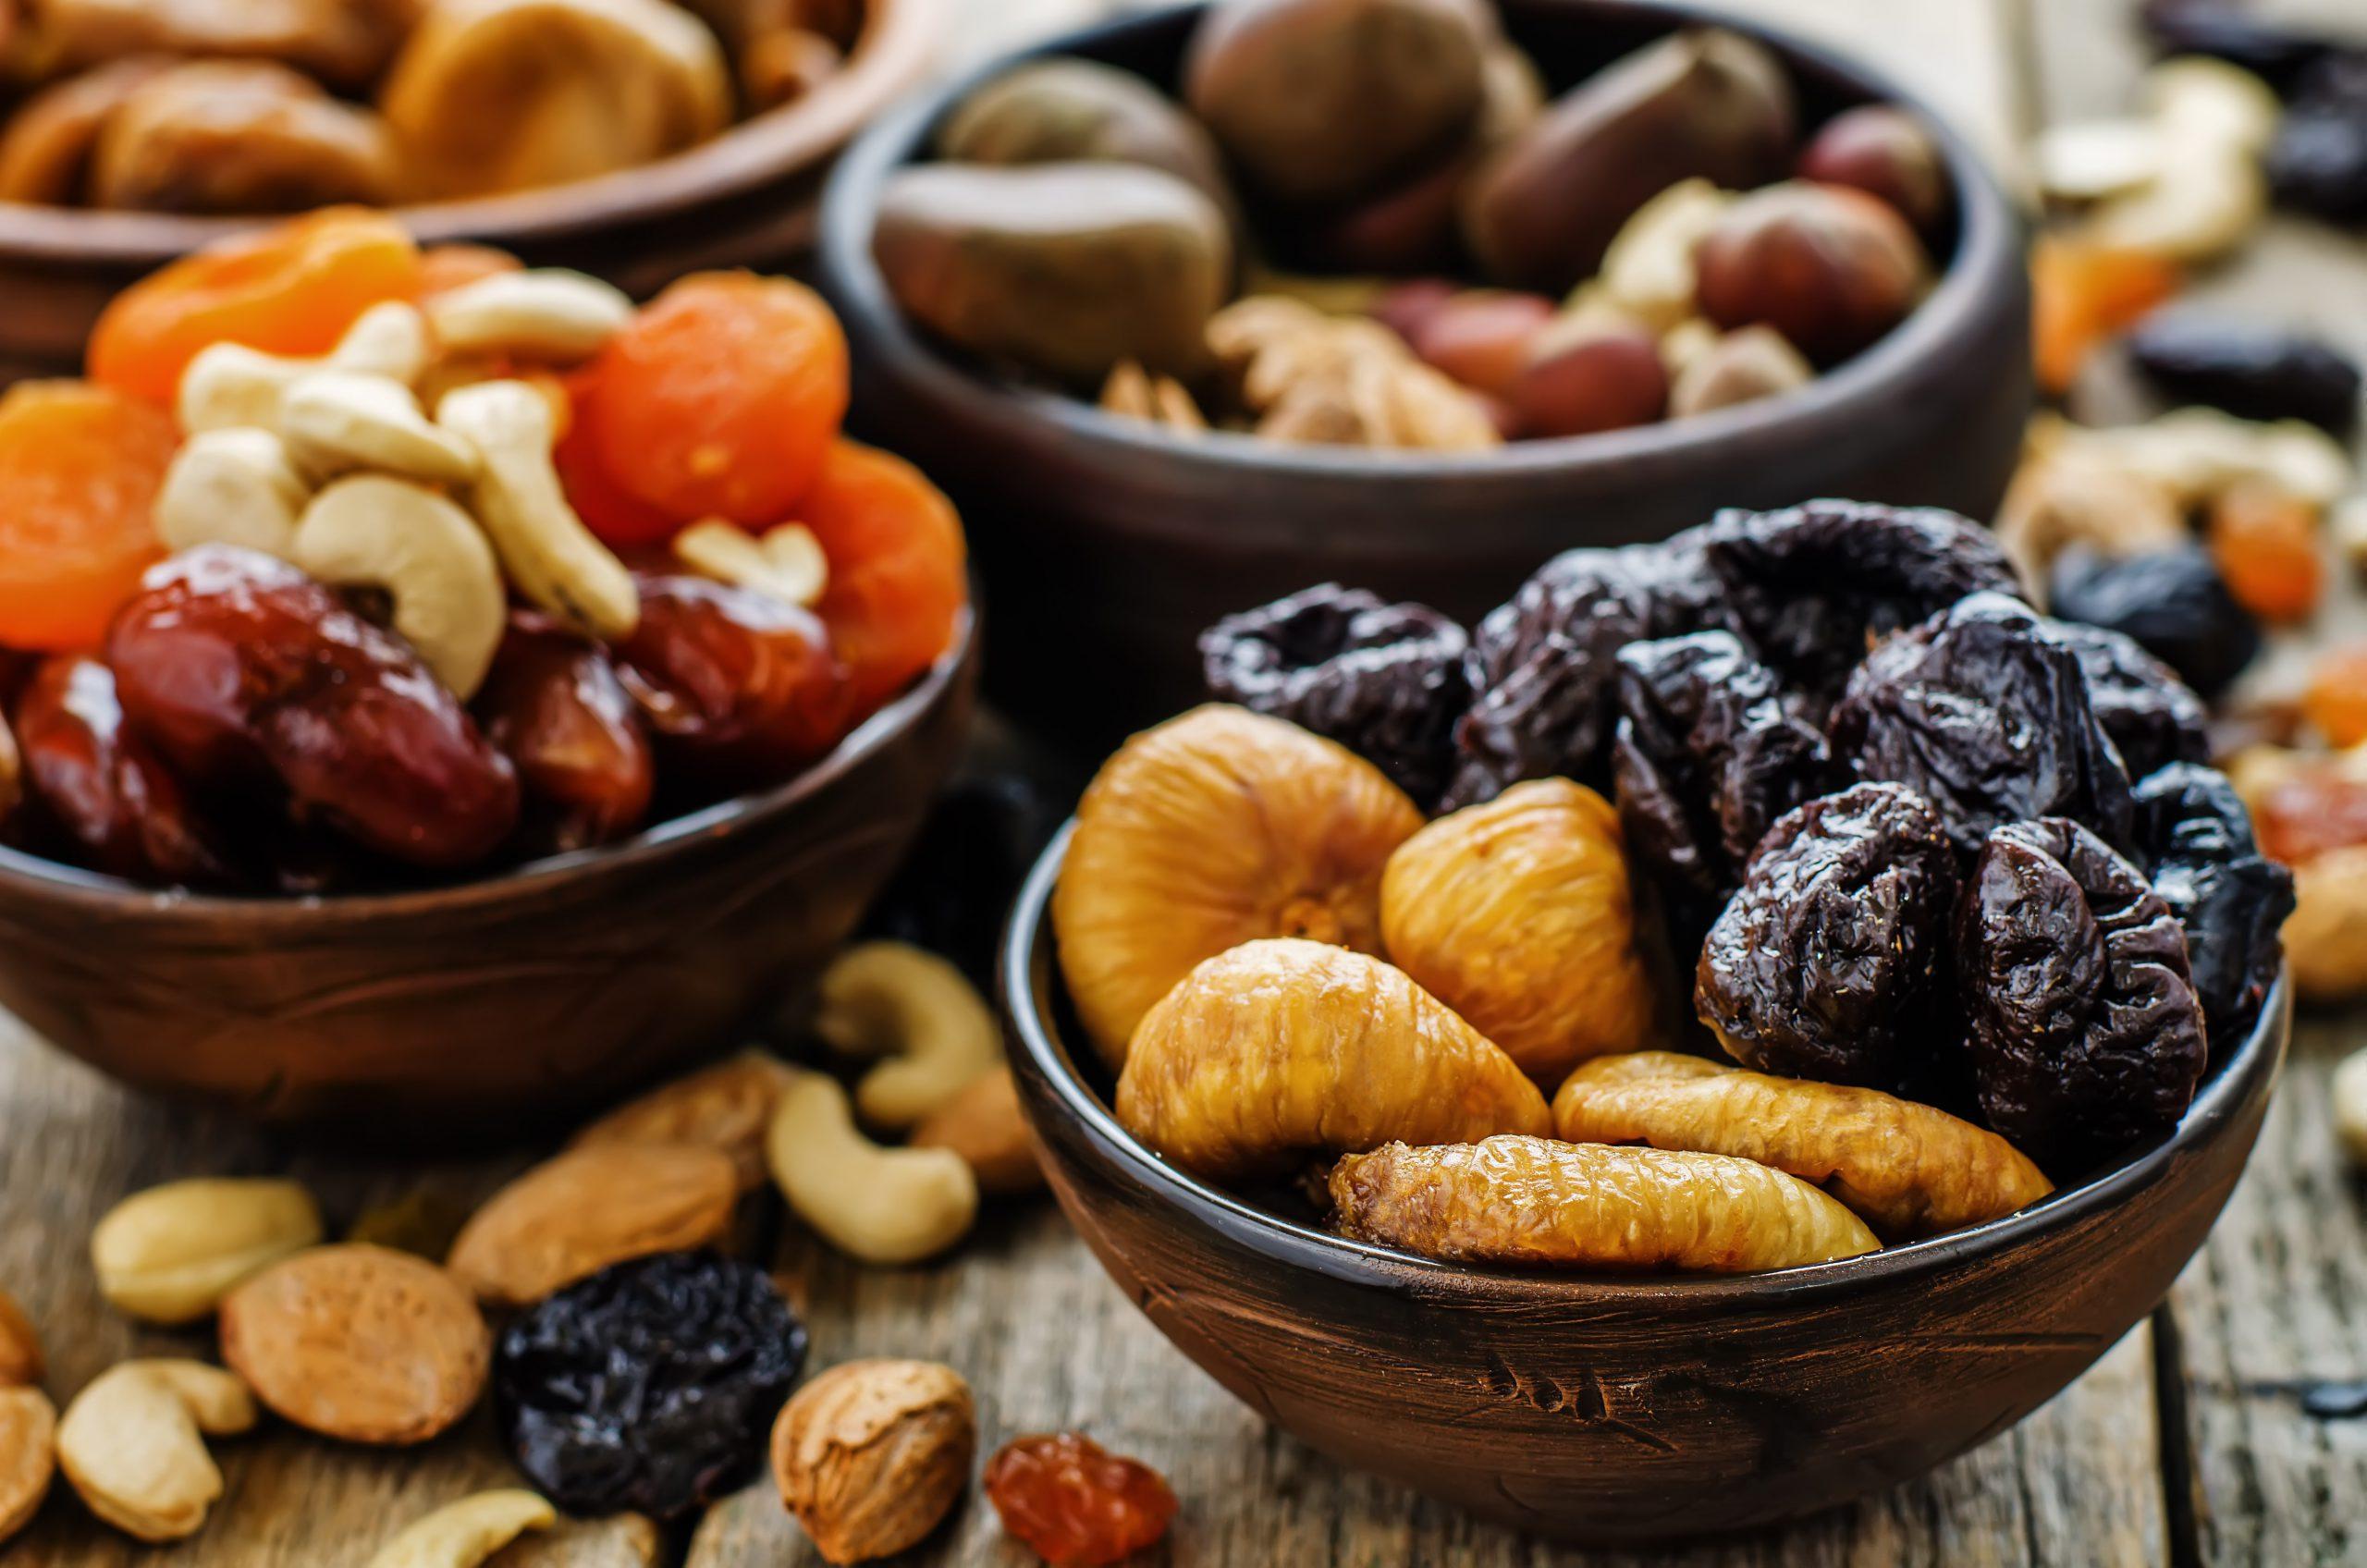 Polacy chcą jeść zdrowo, choć nie zawsze wiedzą jak